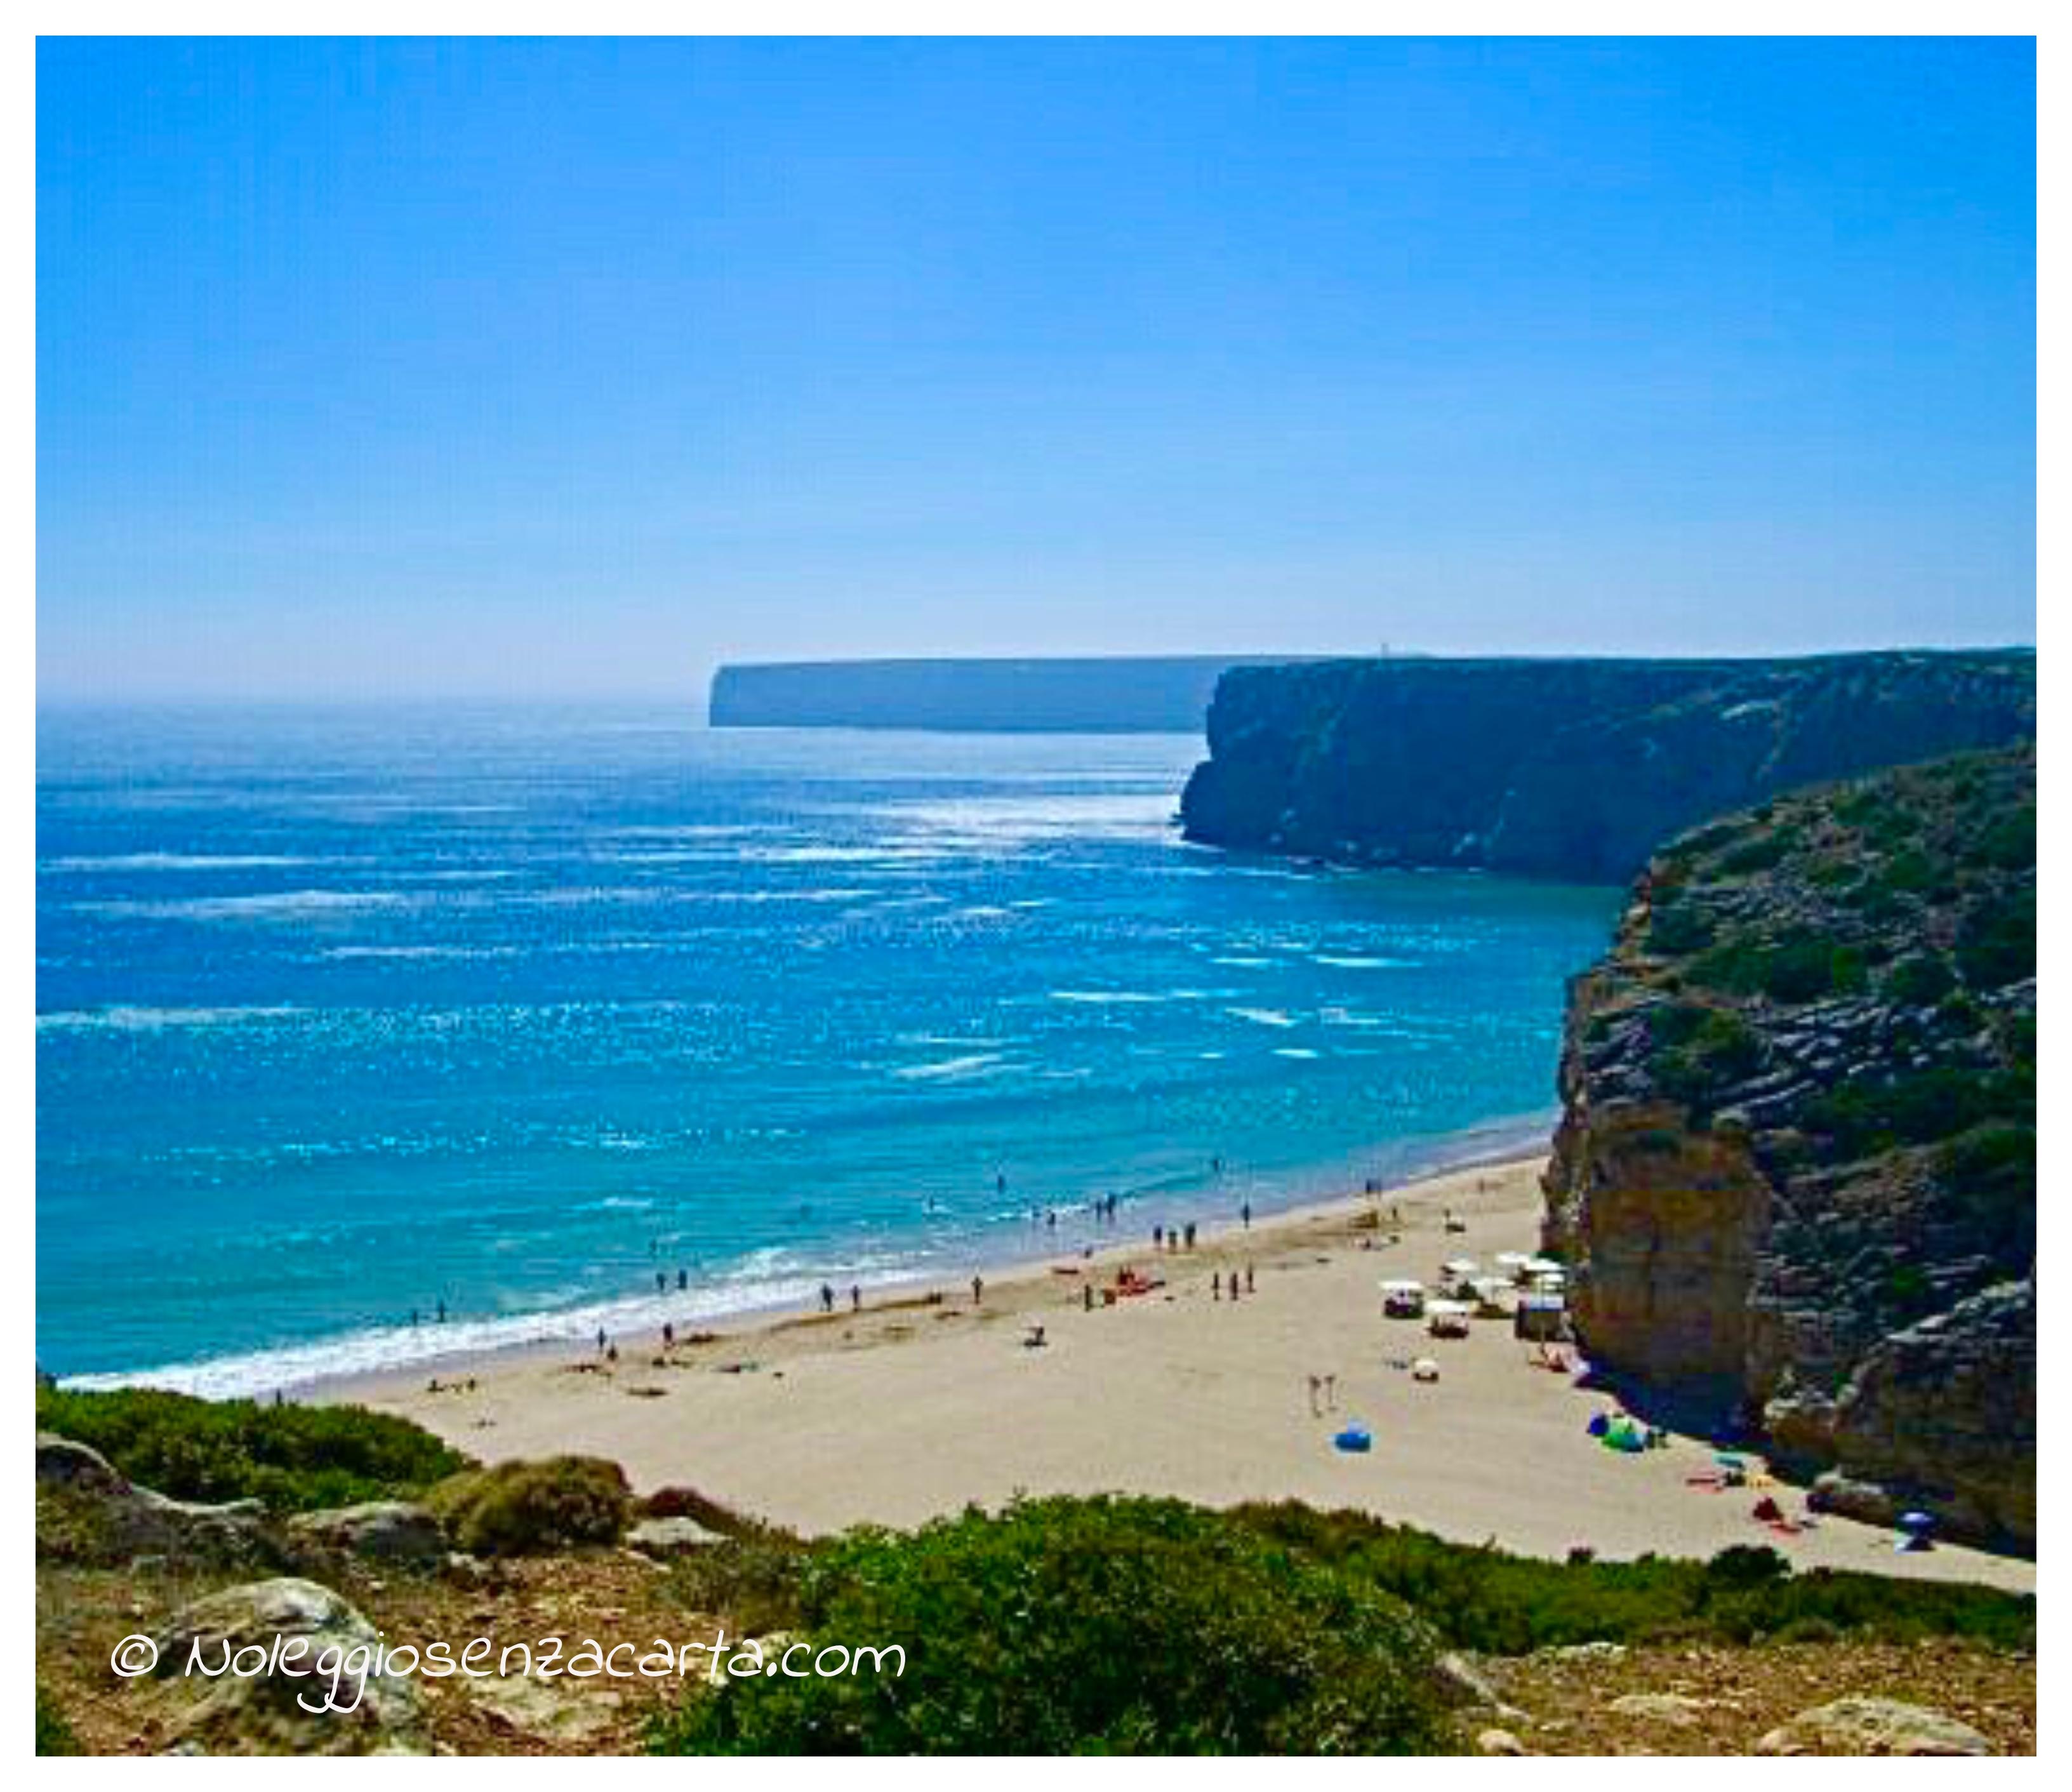 Noleggiare auto senza carta di credito in Portogallo – Algarve